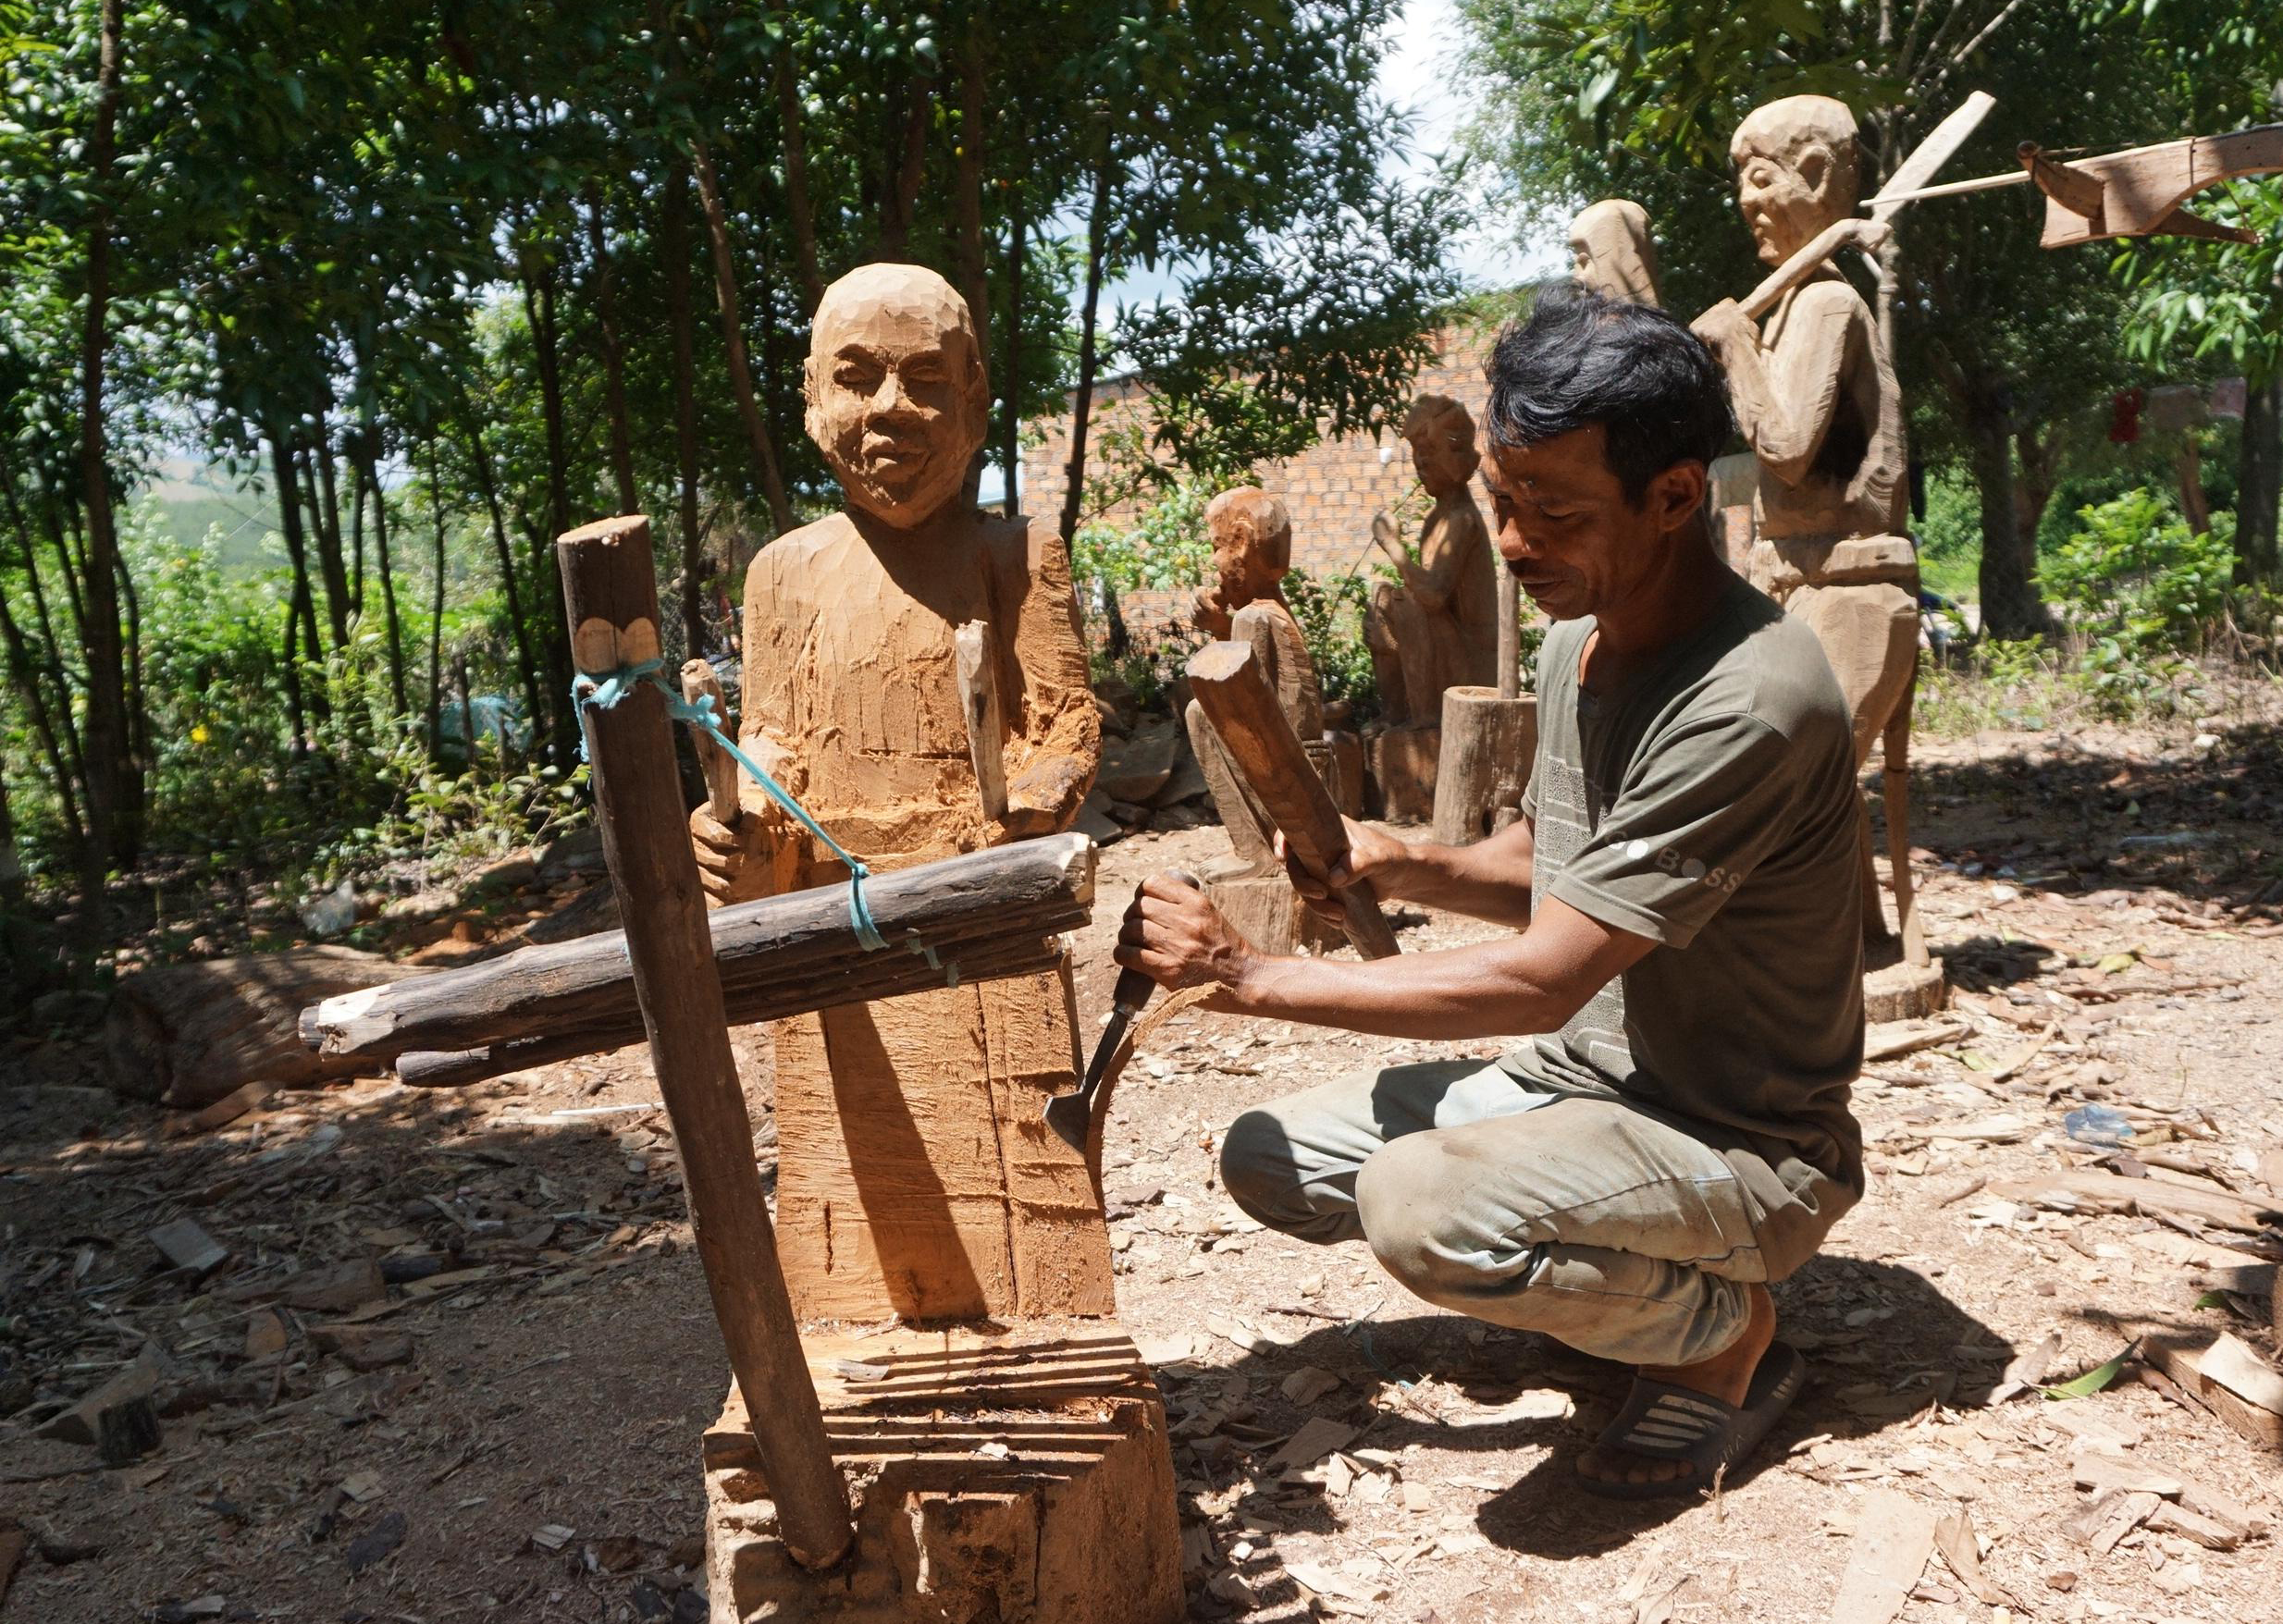 Vườn tượng nhà ông A Tân kể lên những câu chuyện về đời sống của người Ba Na. Ảnh: T.T